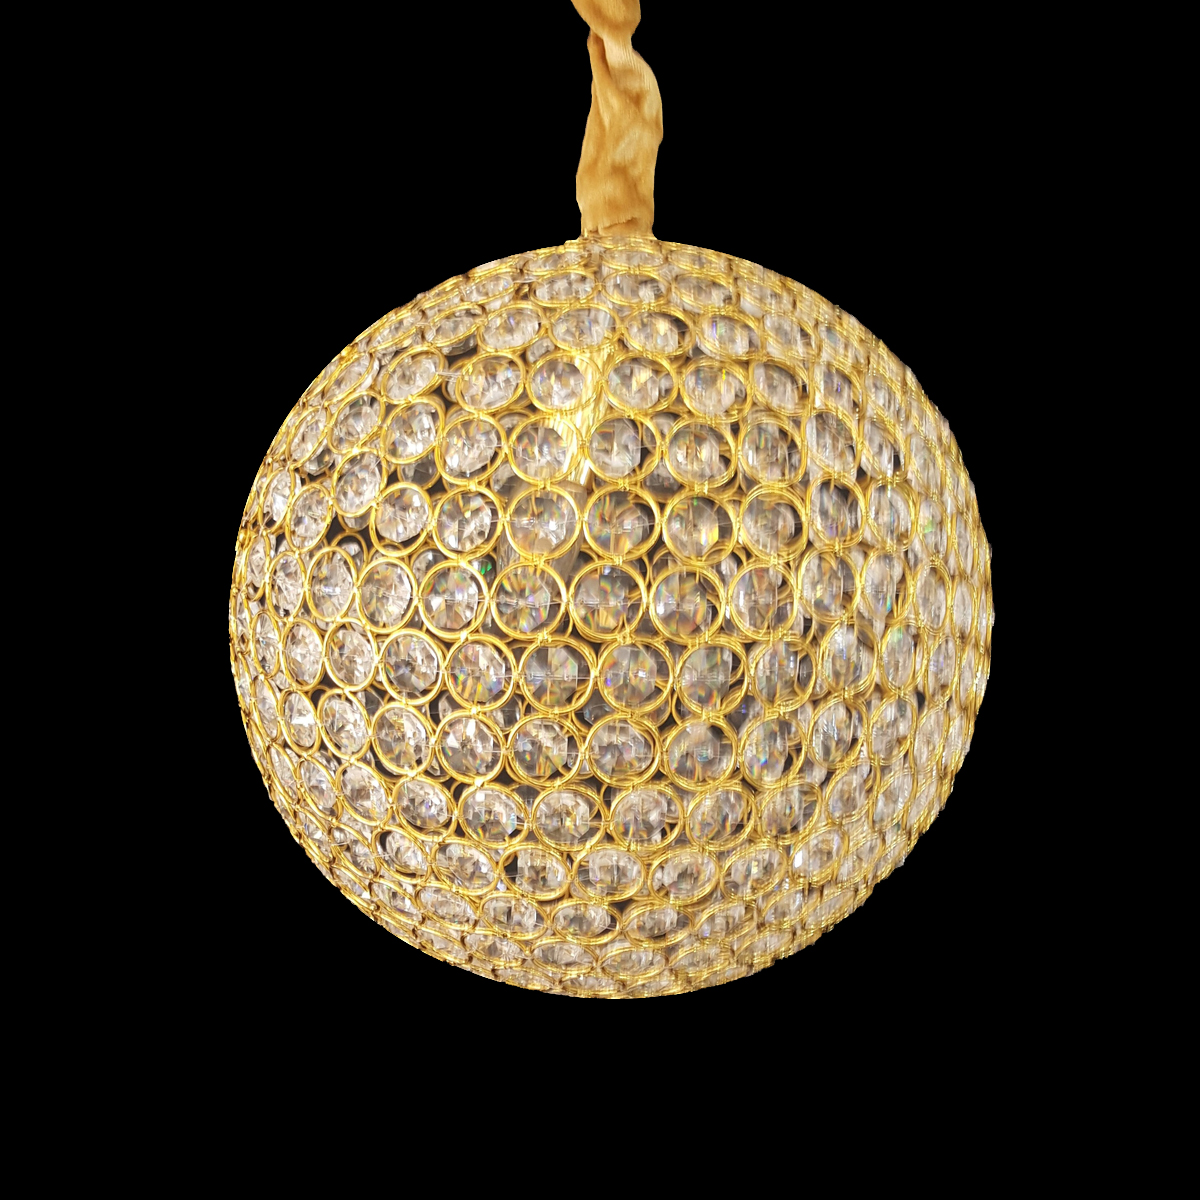 Norfolk 300 Gold Chandelier - CRPNOR01300GD